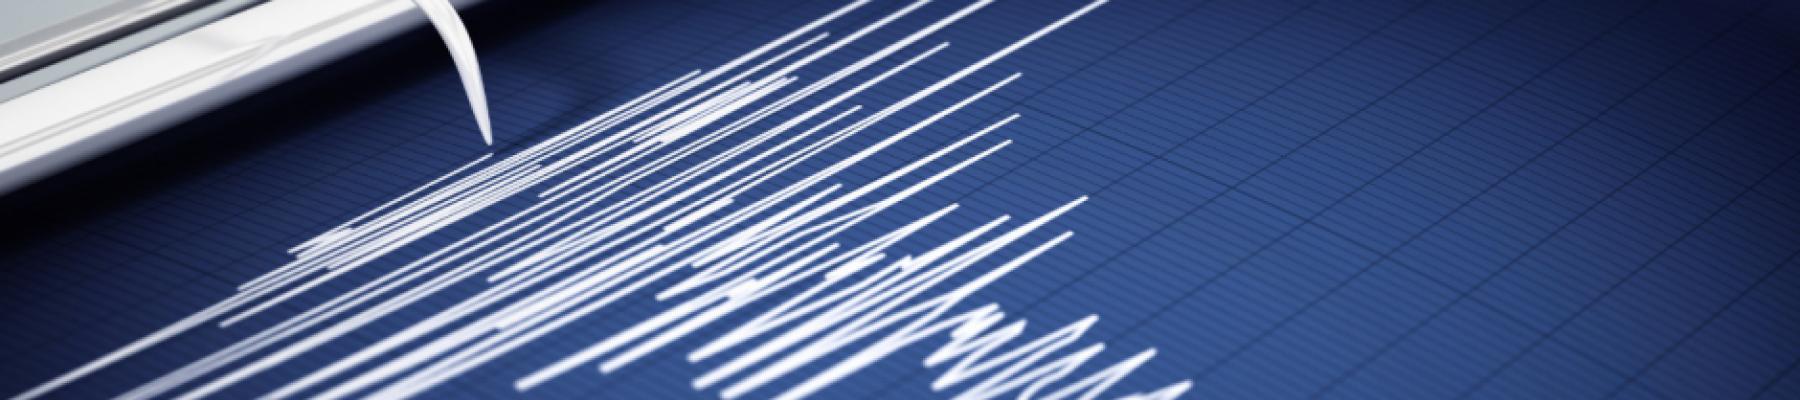 La plateforme de Dynamique des Sols, des Structures et des Interactions (LASSI)